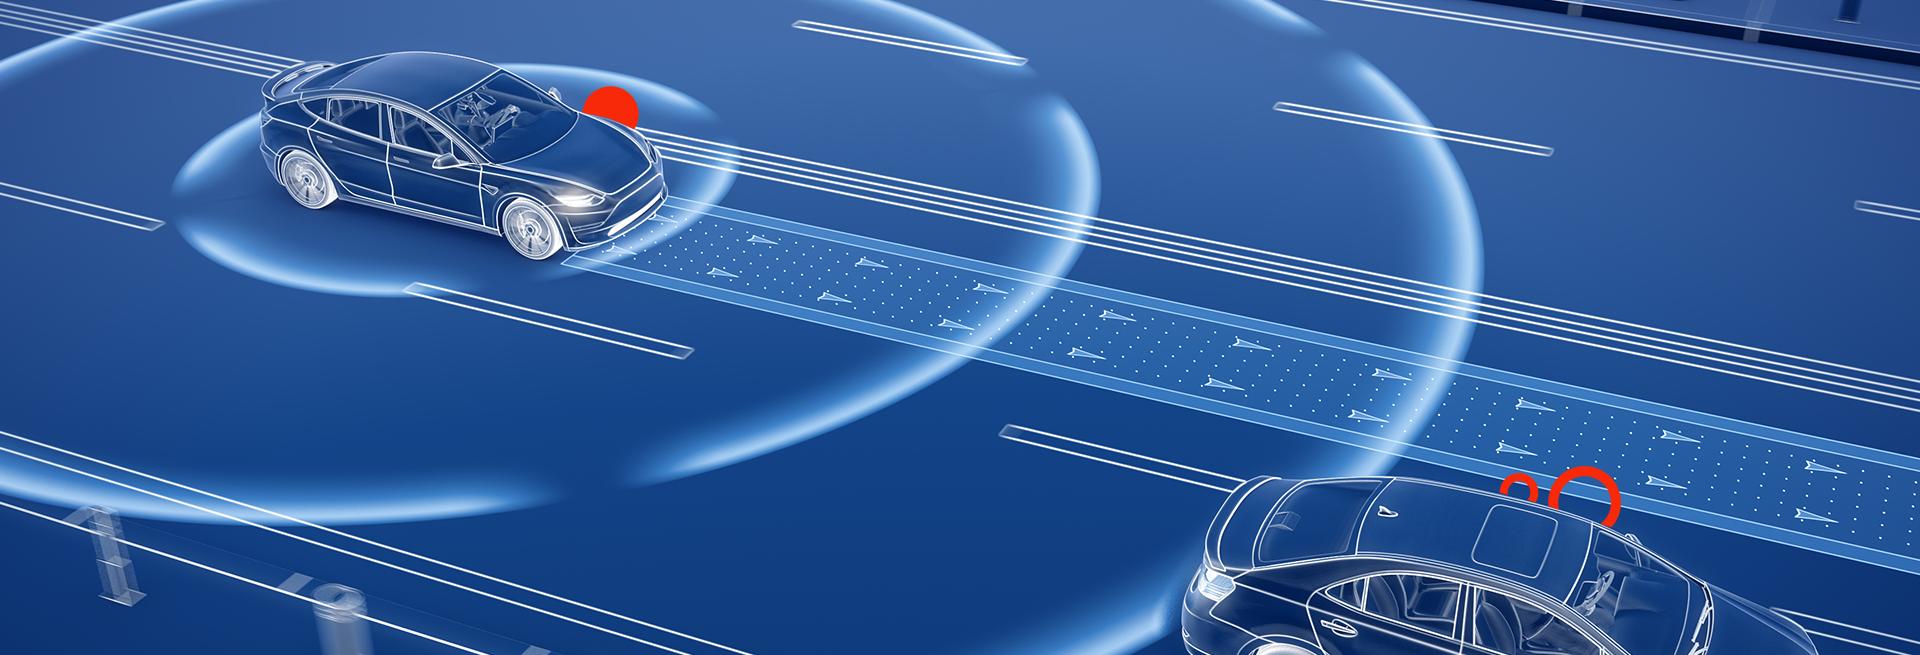 Em meio às mudanças tecnológicas e comportamentais, qual rumo o setor automotivo está tomando? Confira uma análise em nosso blog.